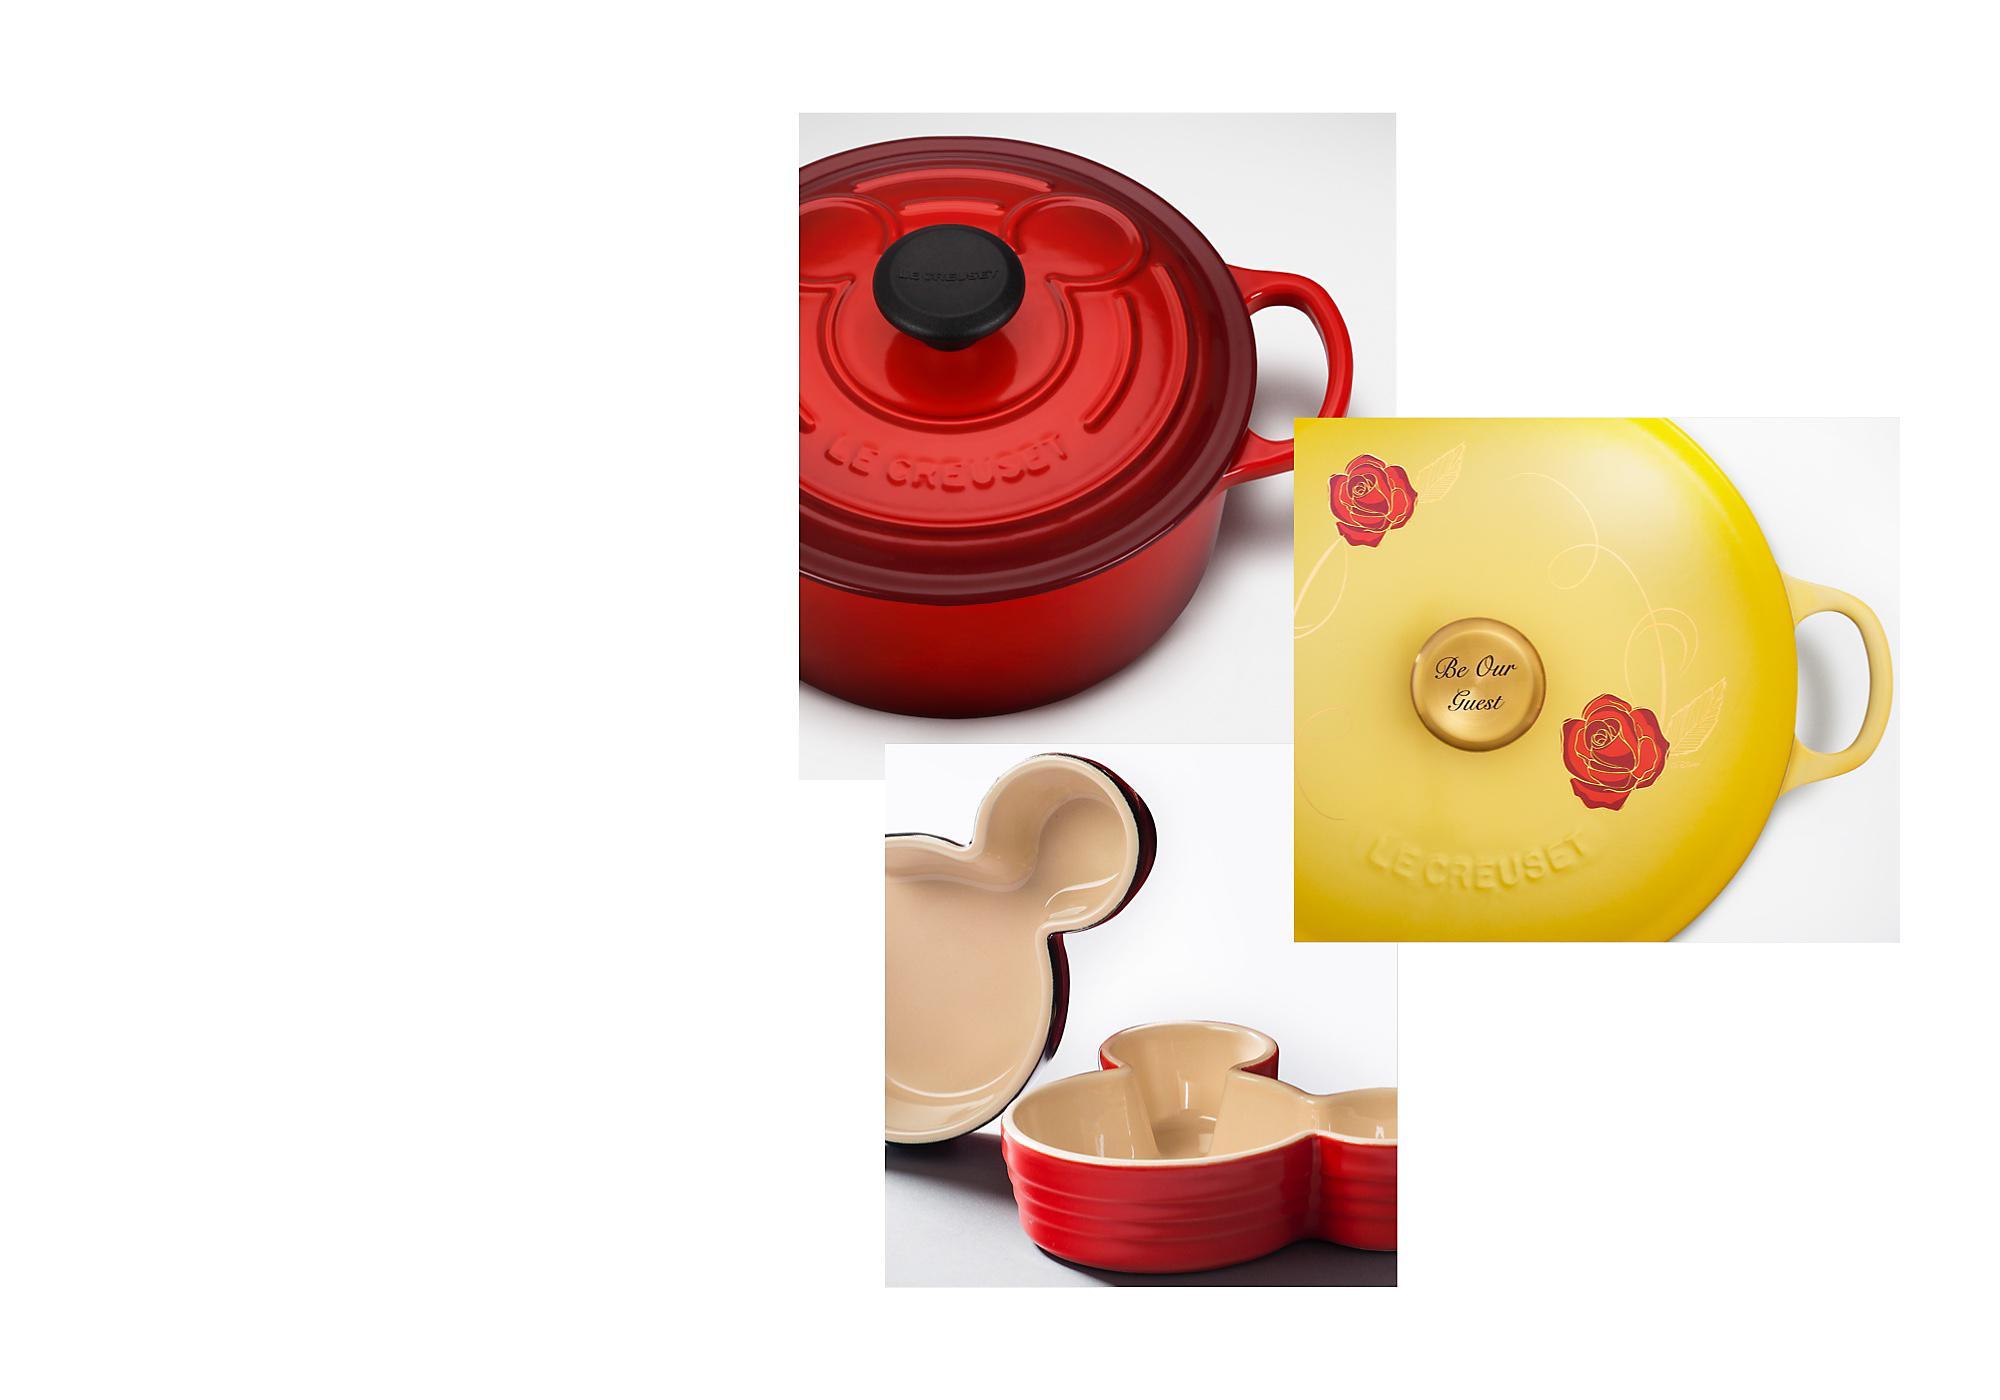 Des ustensiles de première qualité Le Creuset fabrique des ustensiles de cuisine reconnus dans le monde entier depuis près de 100 ans